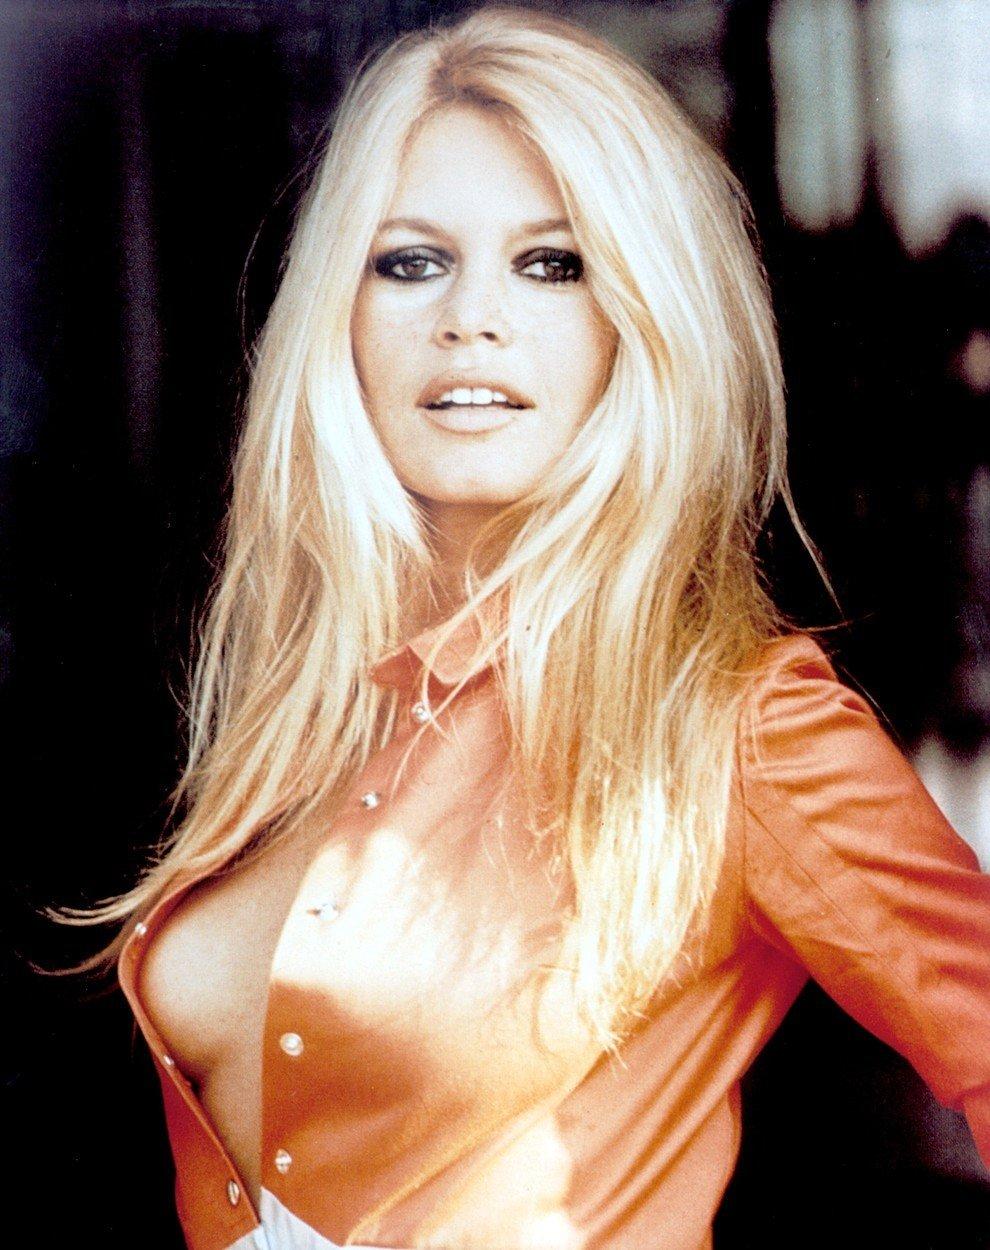 Brigitte se stala celosvětovou sexbombou a ikonou, kterou obdivovali nejenom muži, ale také ženy.